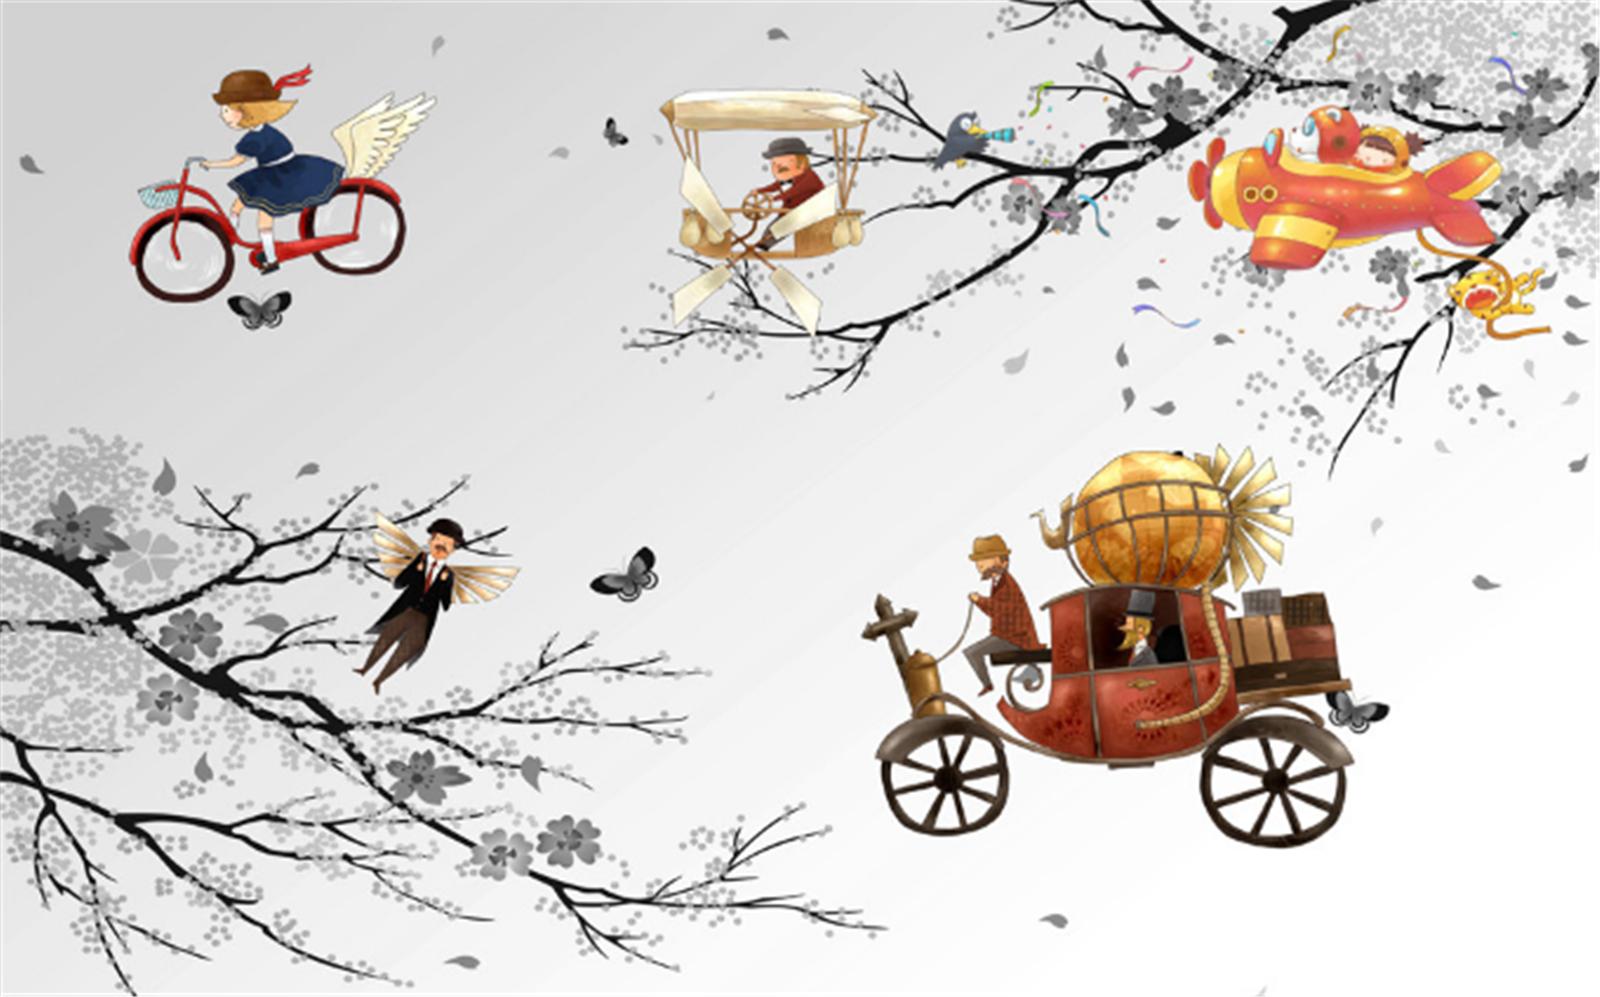 3D Märchen Baum Wagen 893 Tapete Tapete Tapete Wandgemälde Tapeten Bild Familie DE Lemon | Erste Gruppe von Kunden  | Vogue  |  436e5f